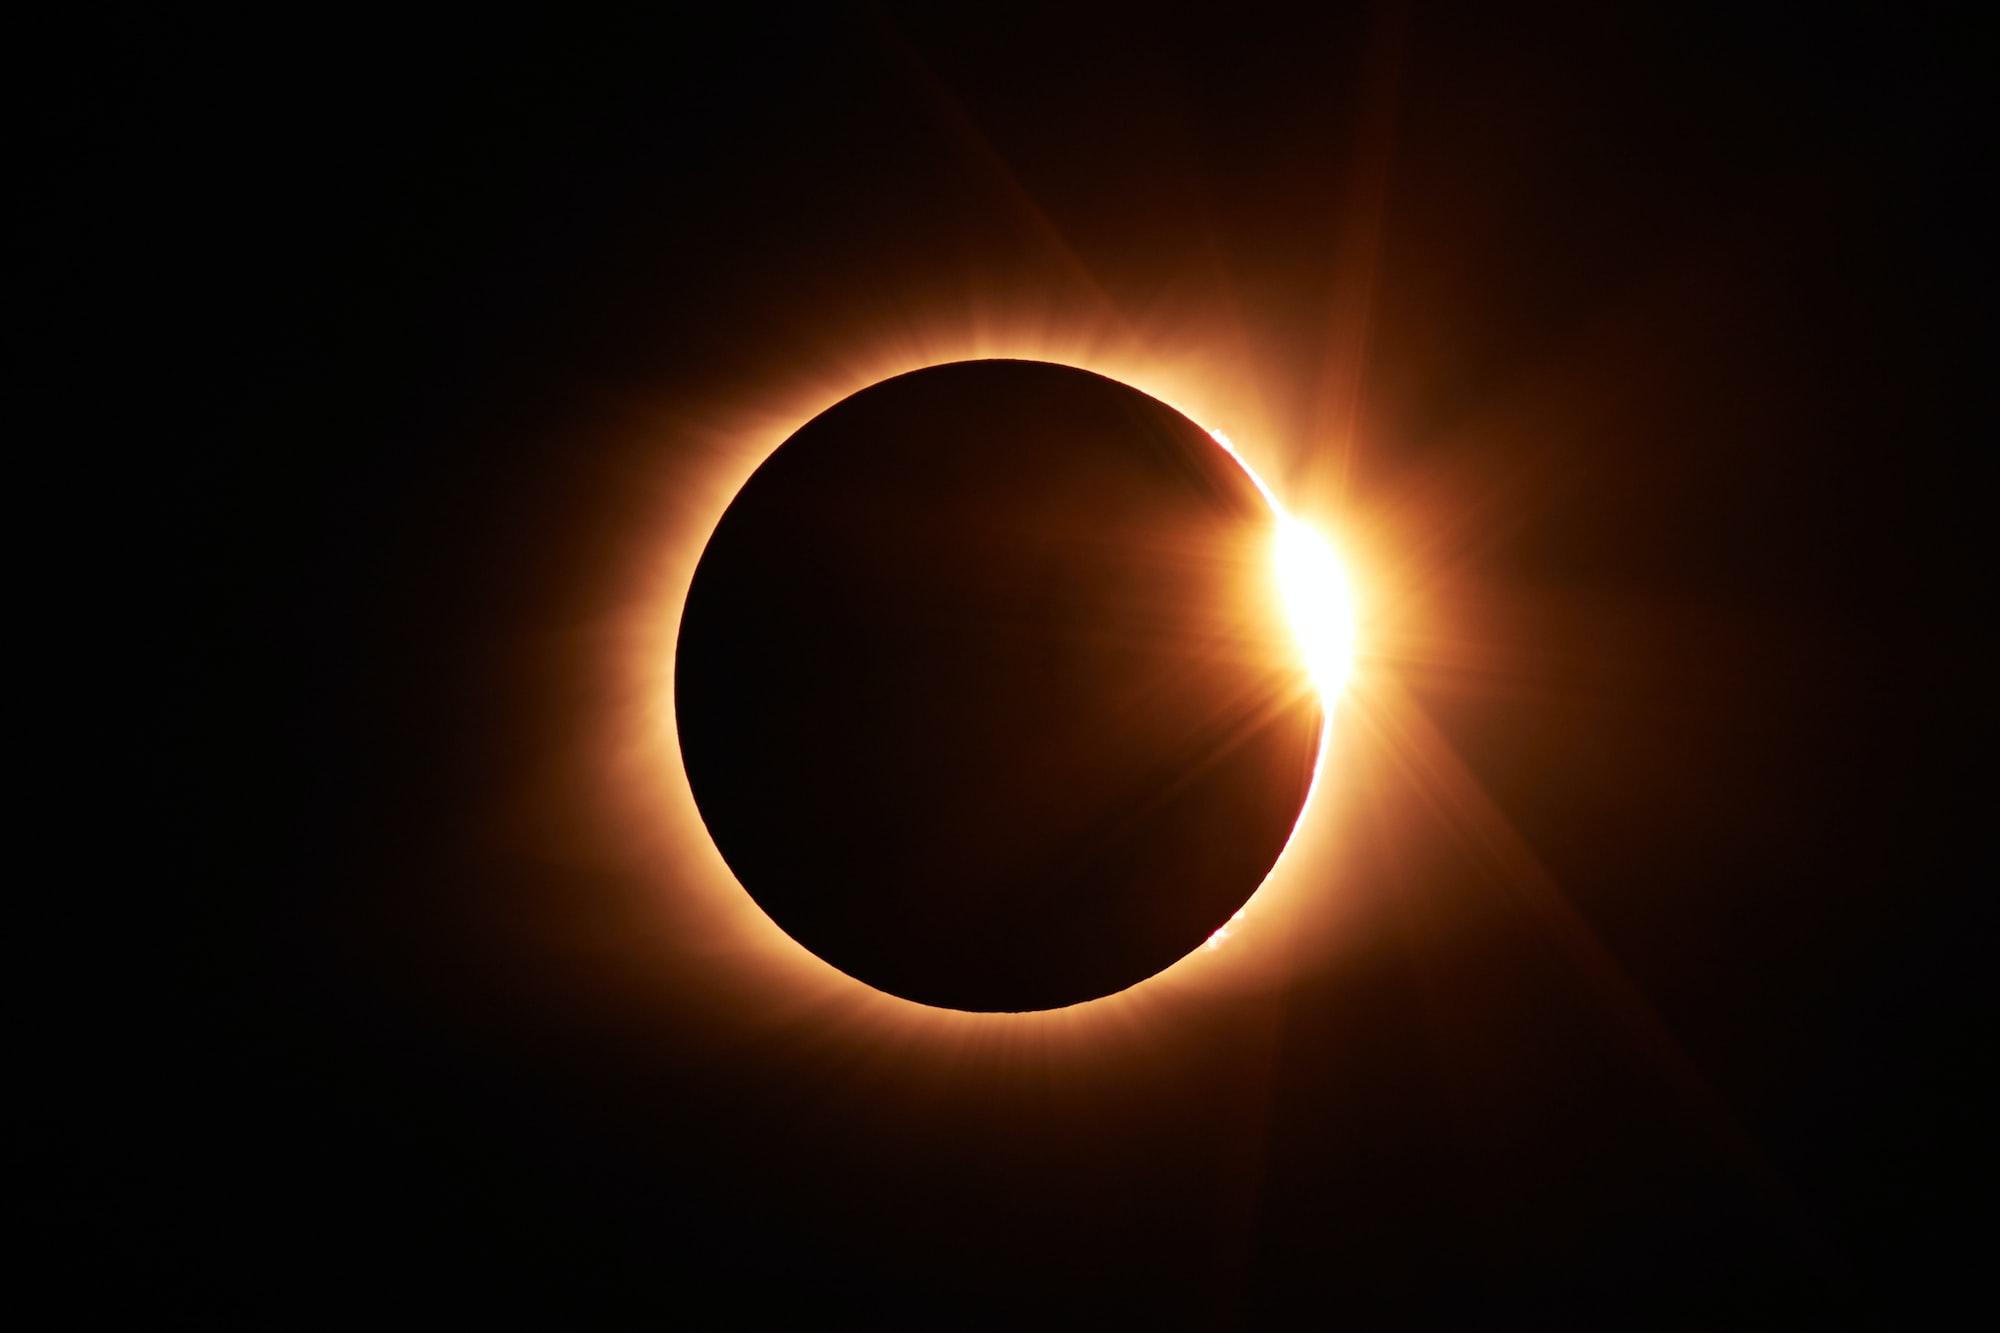 Wyjątkowe wydarzenie astronomiczne już w ten czwartek. Gdzie i kiedy je zobaczyć?